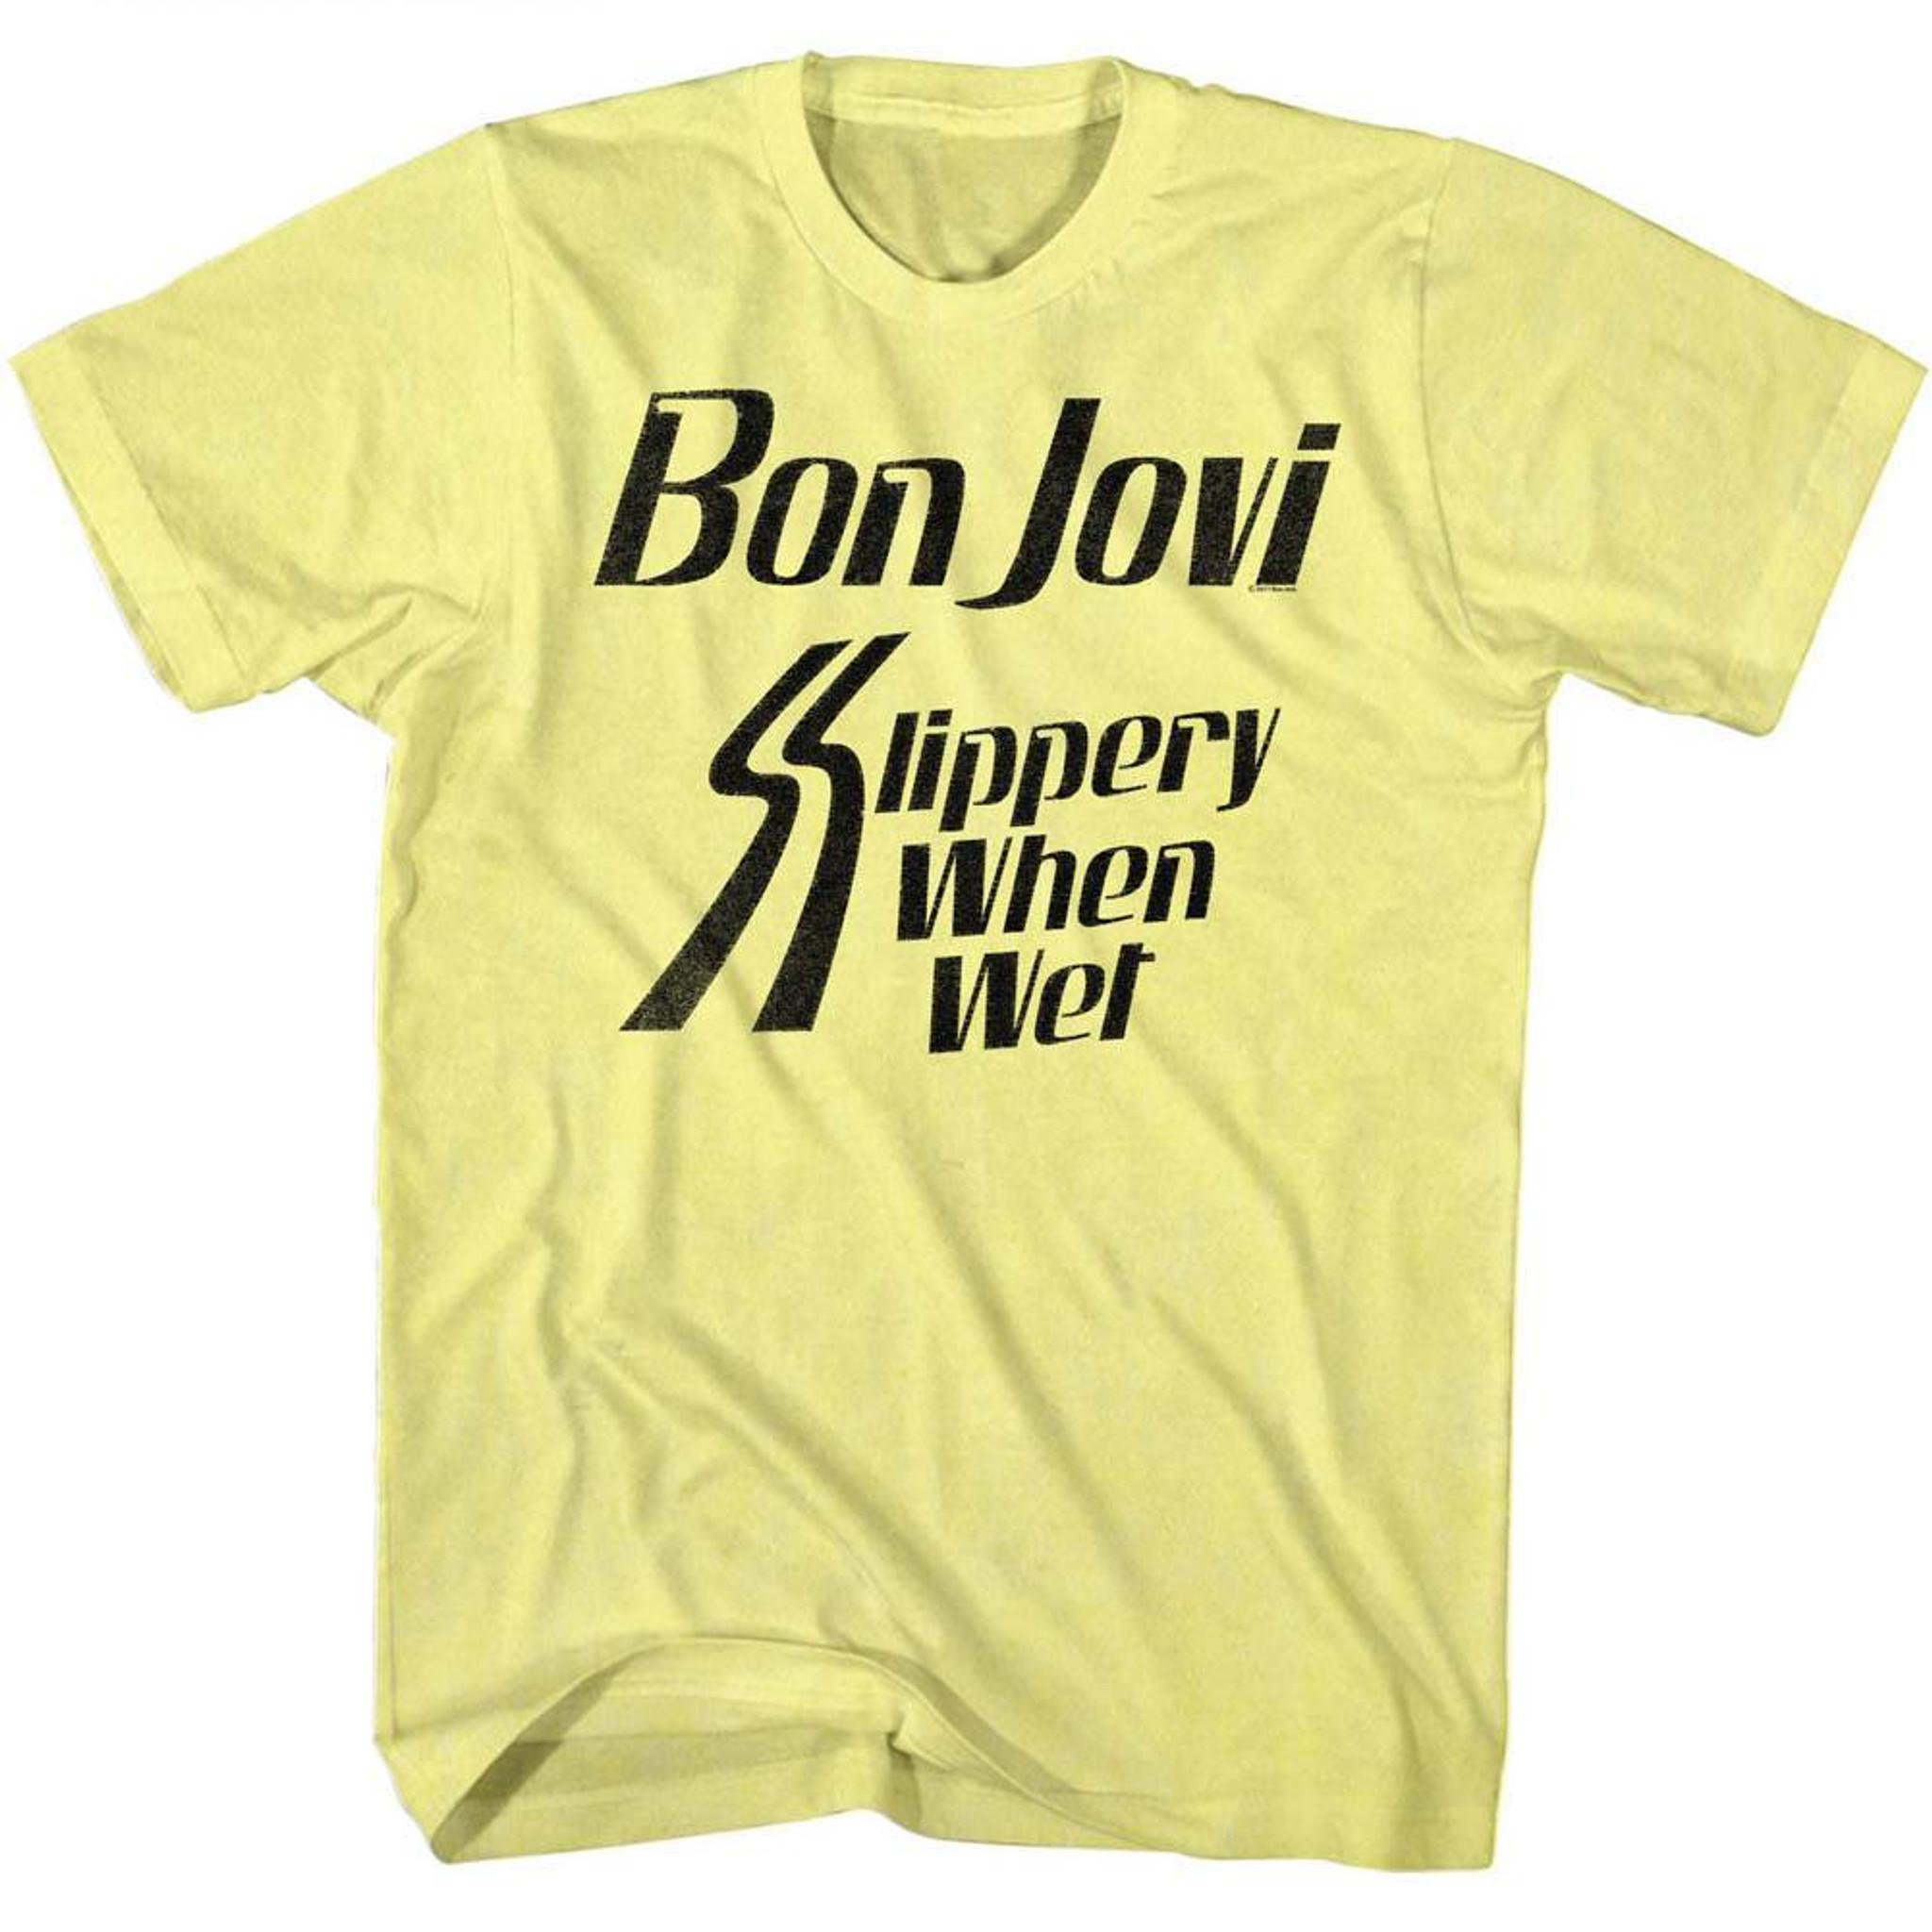 Slippery Yellow Bon Camiseta Jovi When Adult Heather Wet dCxoerB